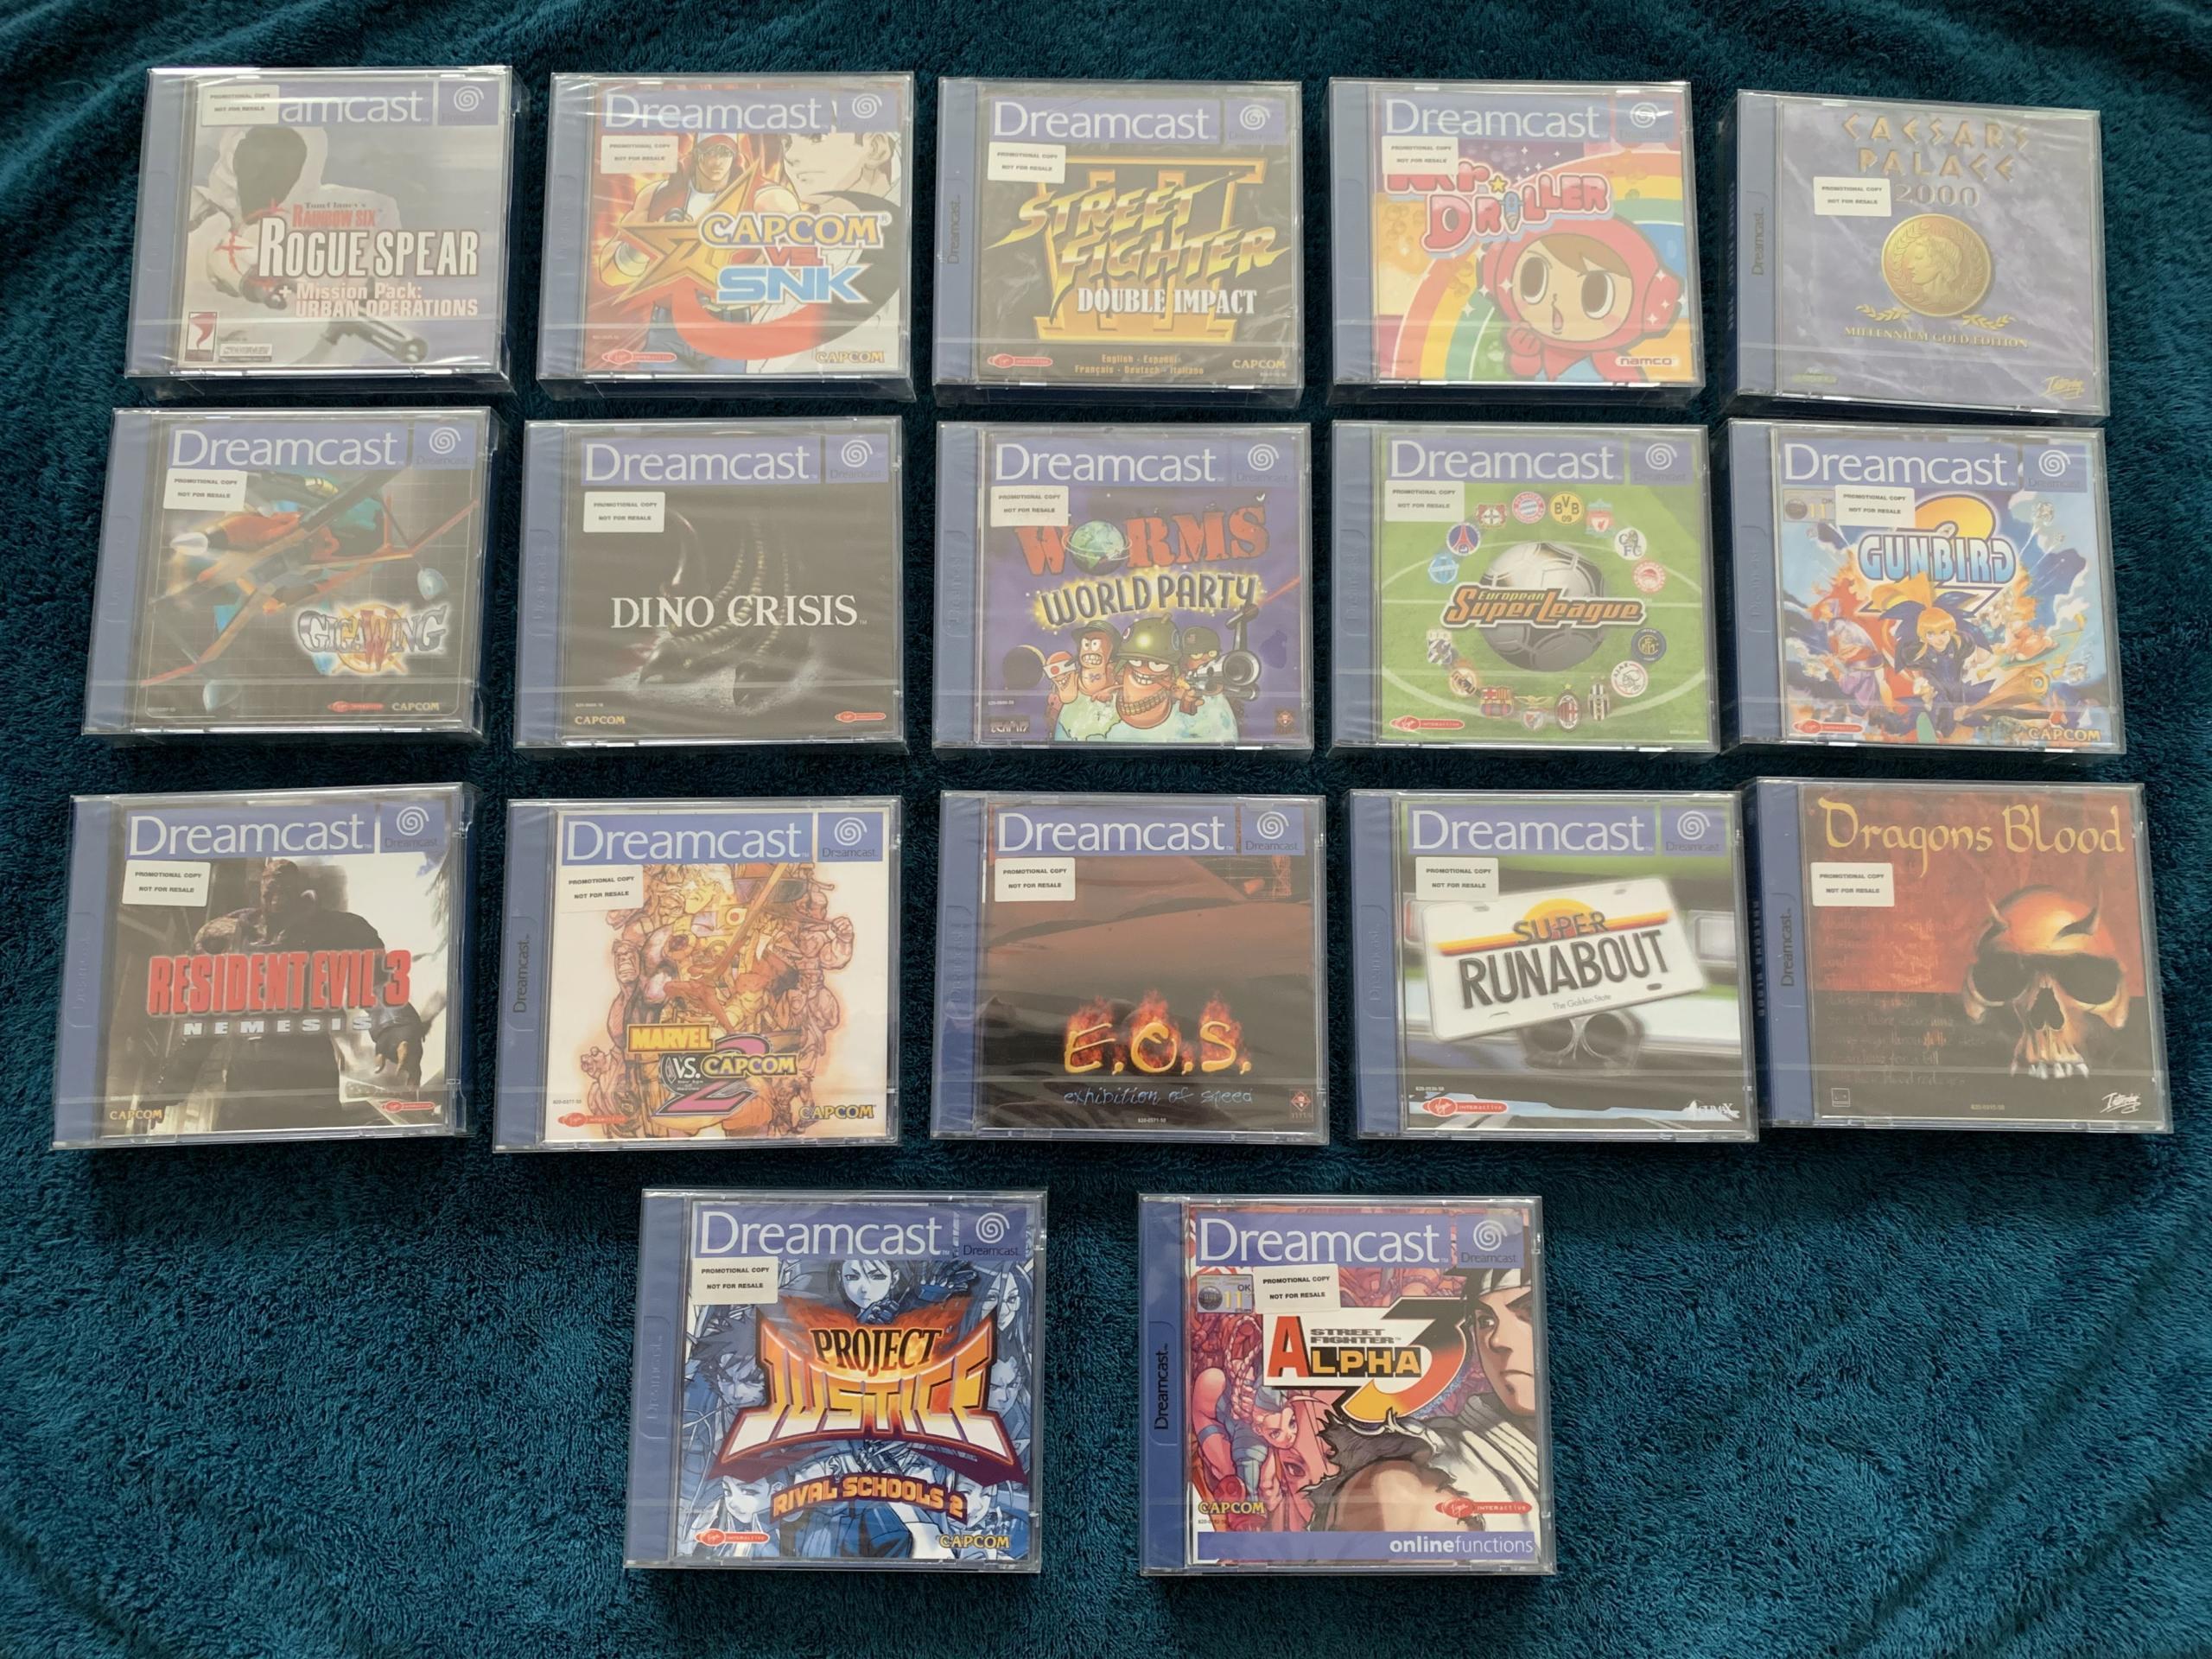 [VENDU] Fullset Jeux Dreamcast, Accessoires, Promo, Rigides... - 350 pièces - NEUF SOUS BLISTER 055_je10